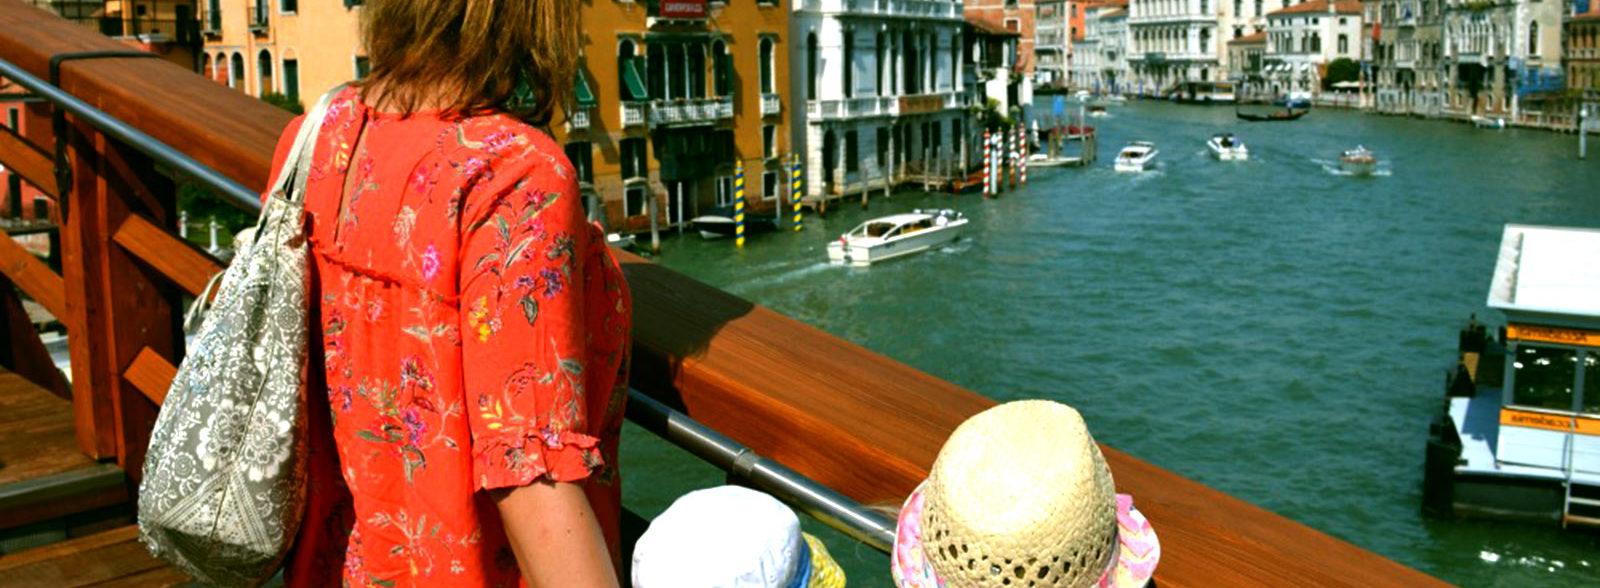 Venezia in famiglia:  idee e suggerimenti per le tue vacanze in laguna